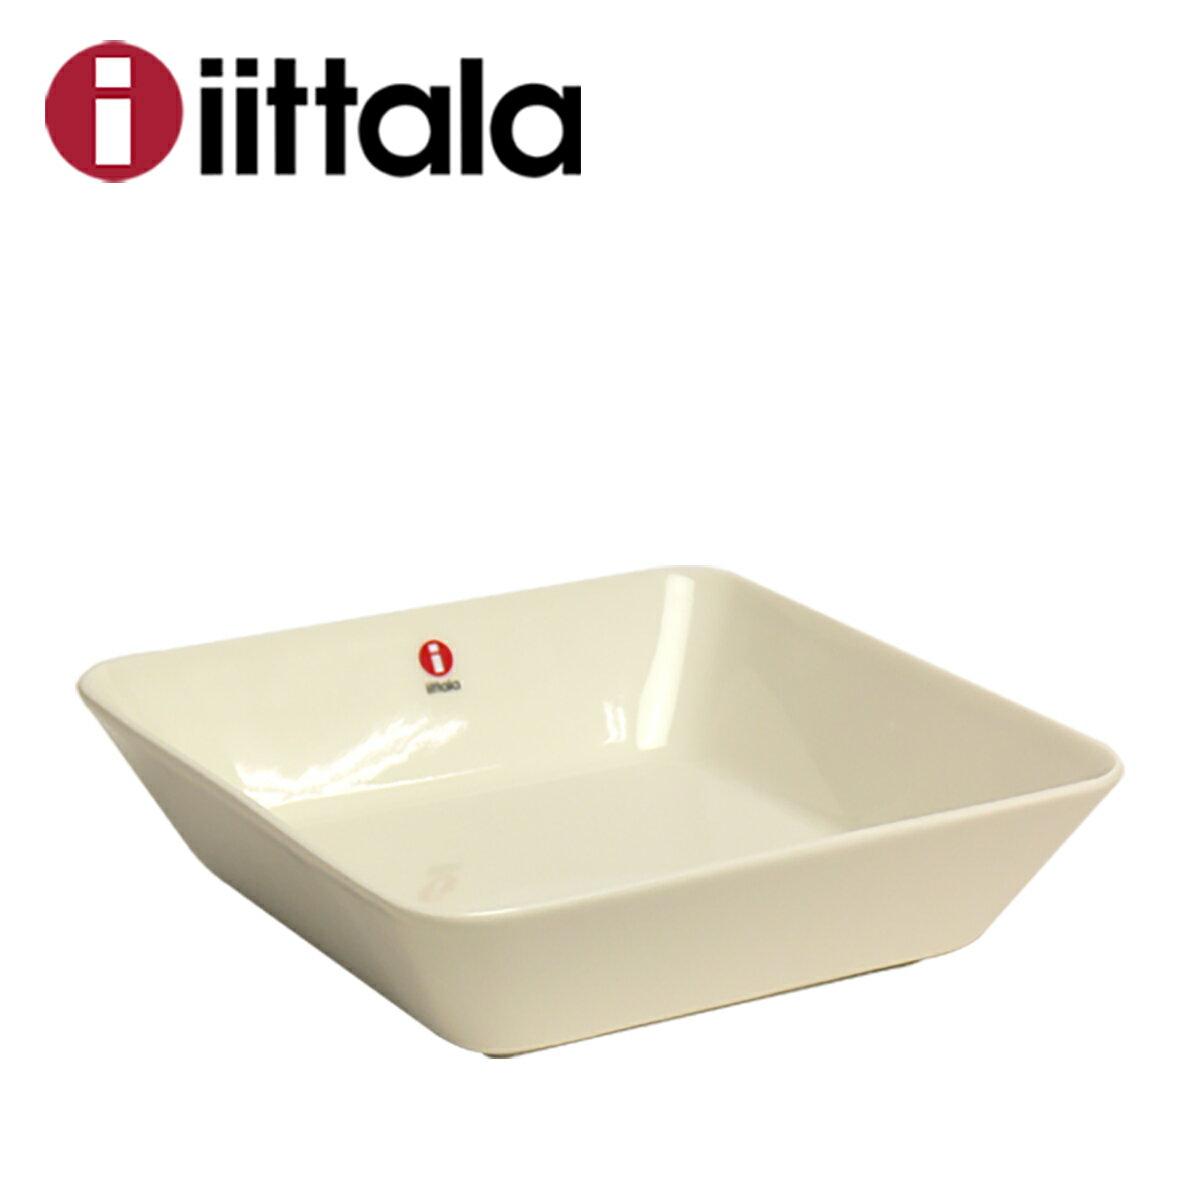 iittala イッタラ TEEMA(ティーマ) スクエアプレート 16cm ホワイト 角皿 ita11-c001